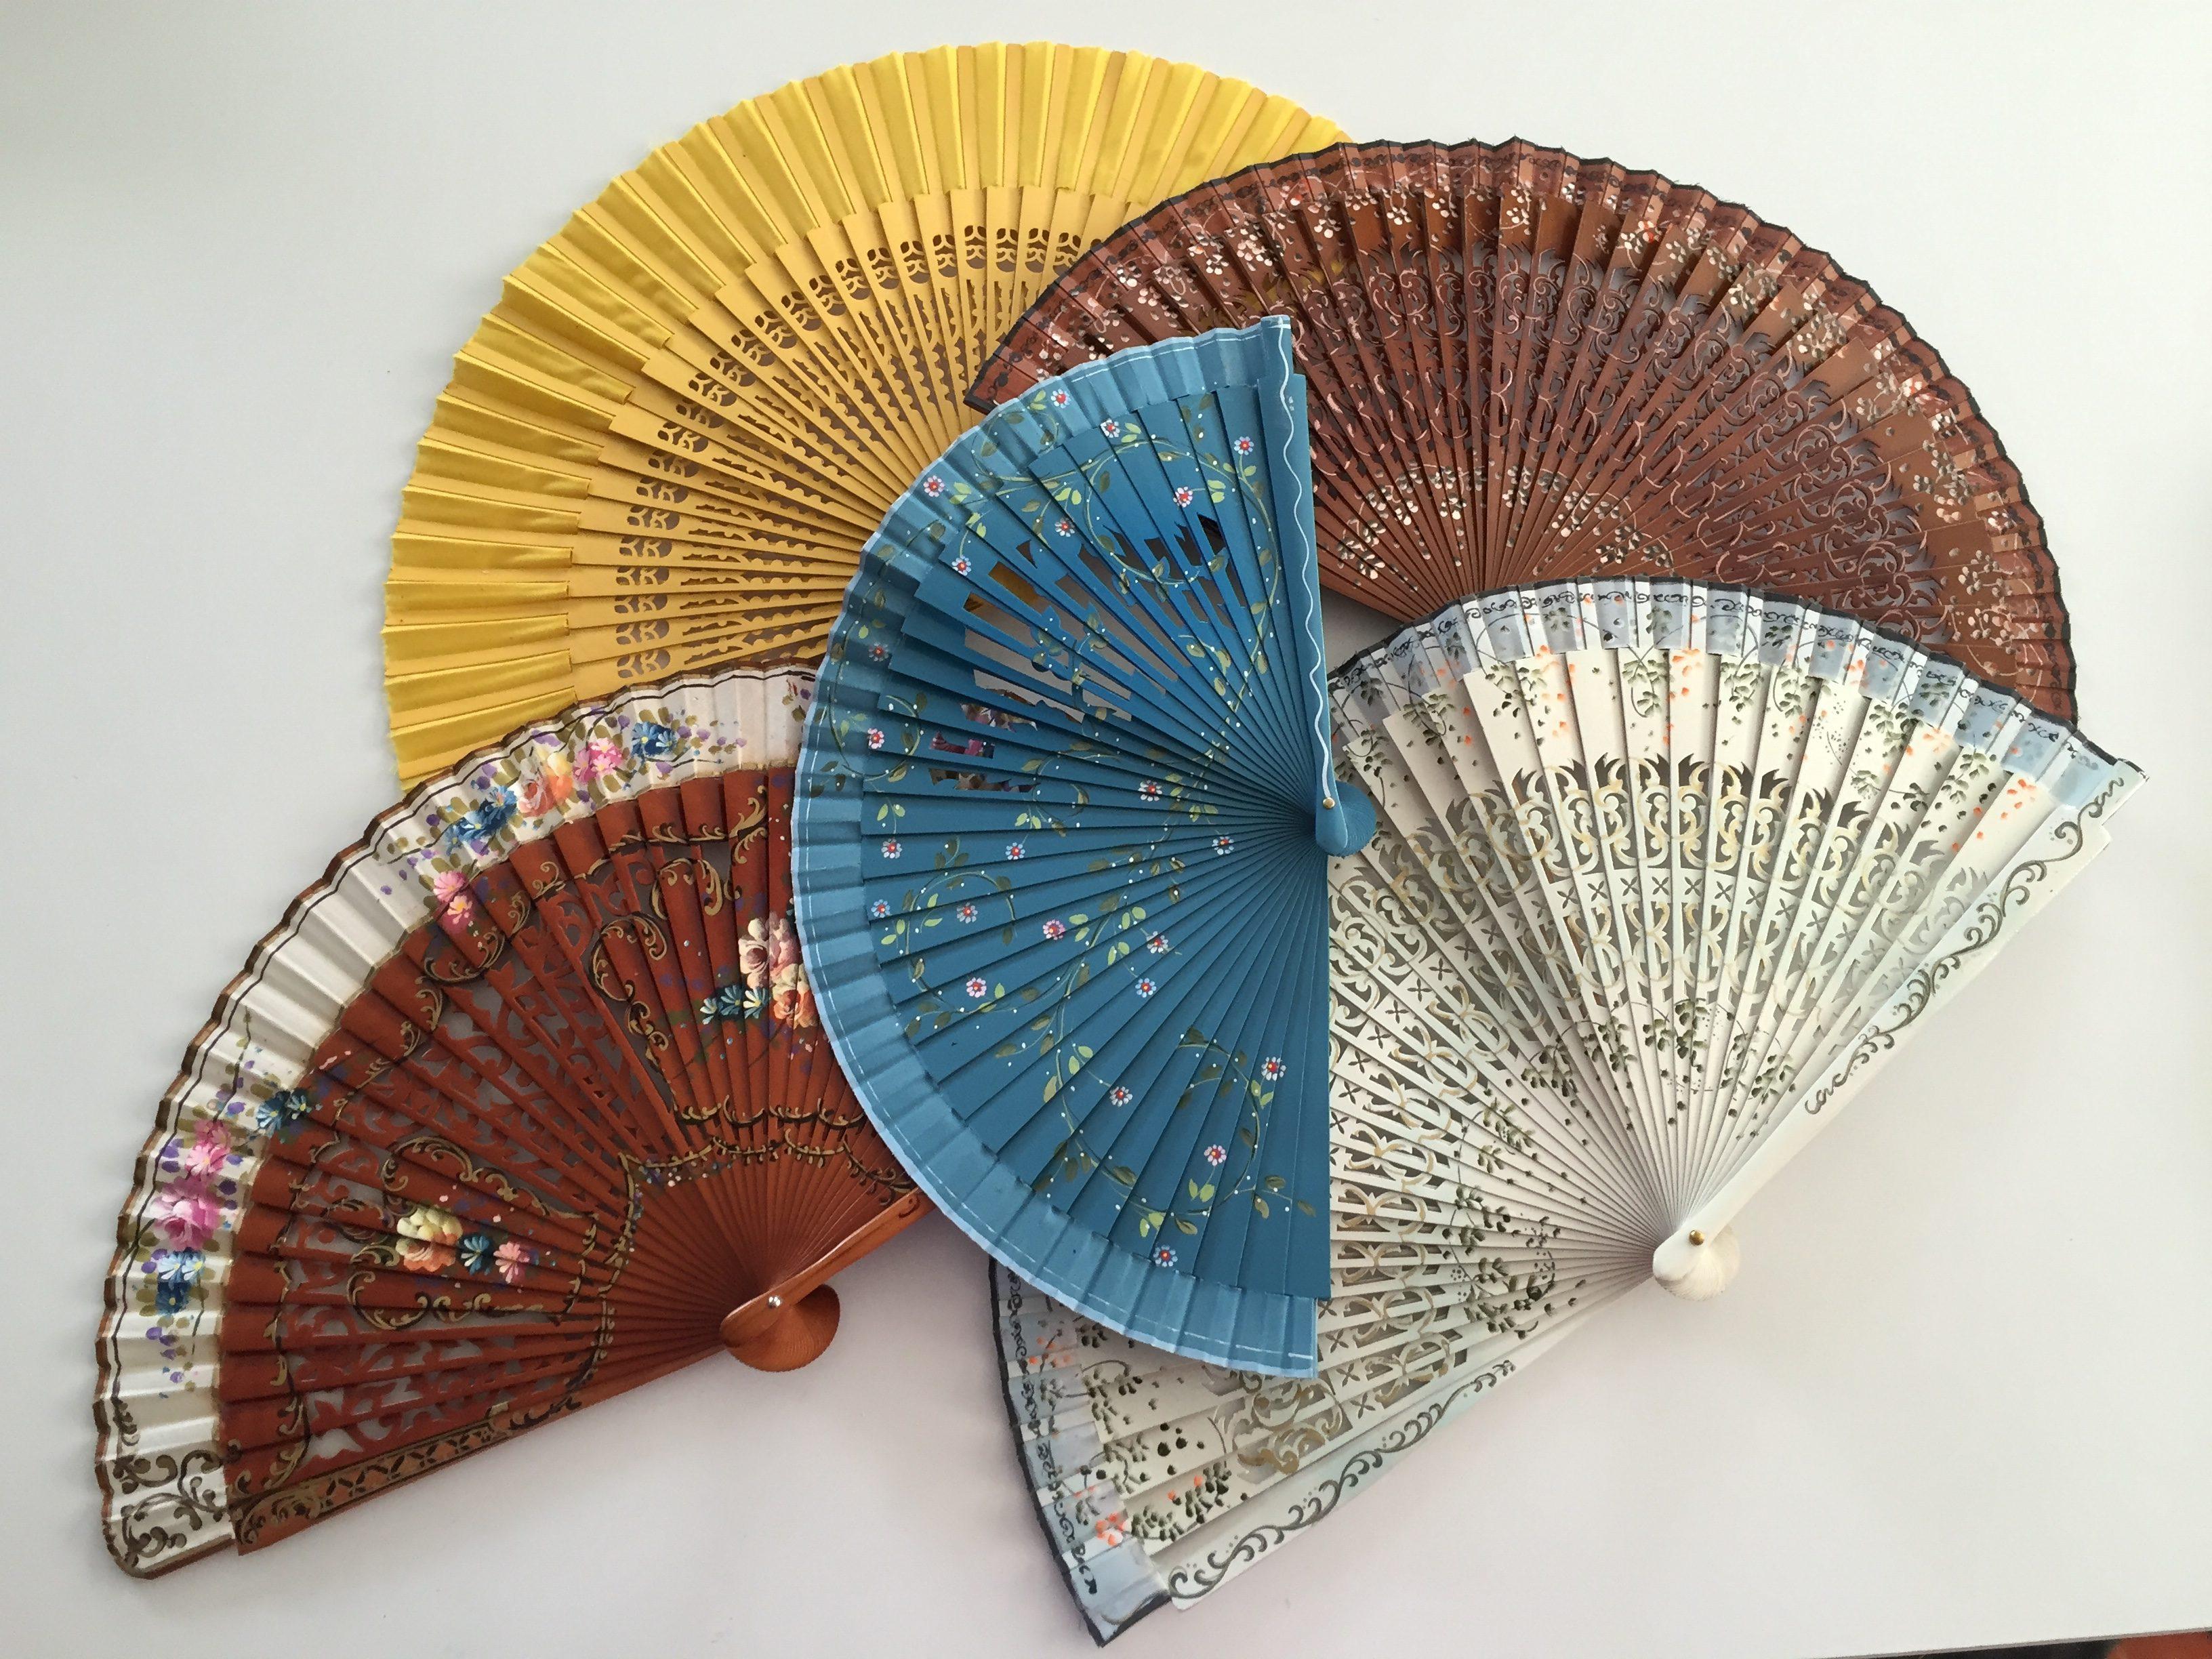 Cinco abanicos abiertos, dos en color madera, uno en azul, uno blanco y otro amarillo